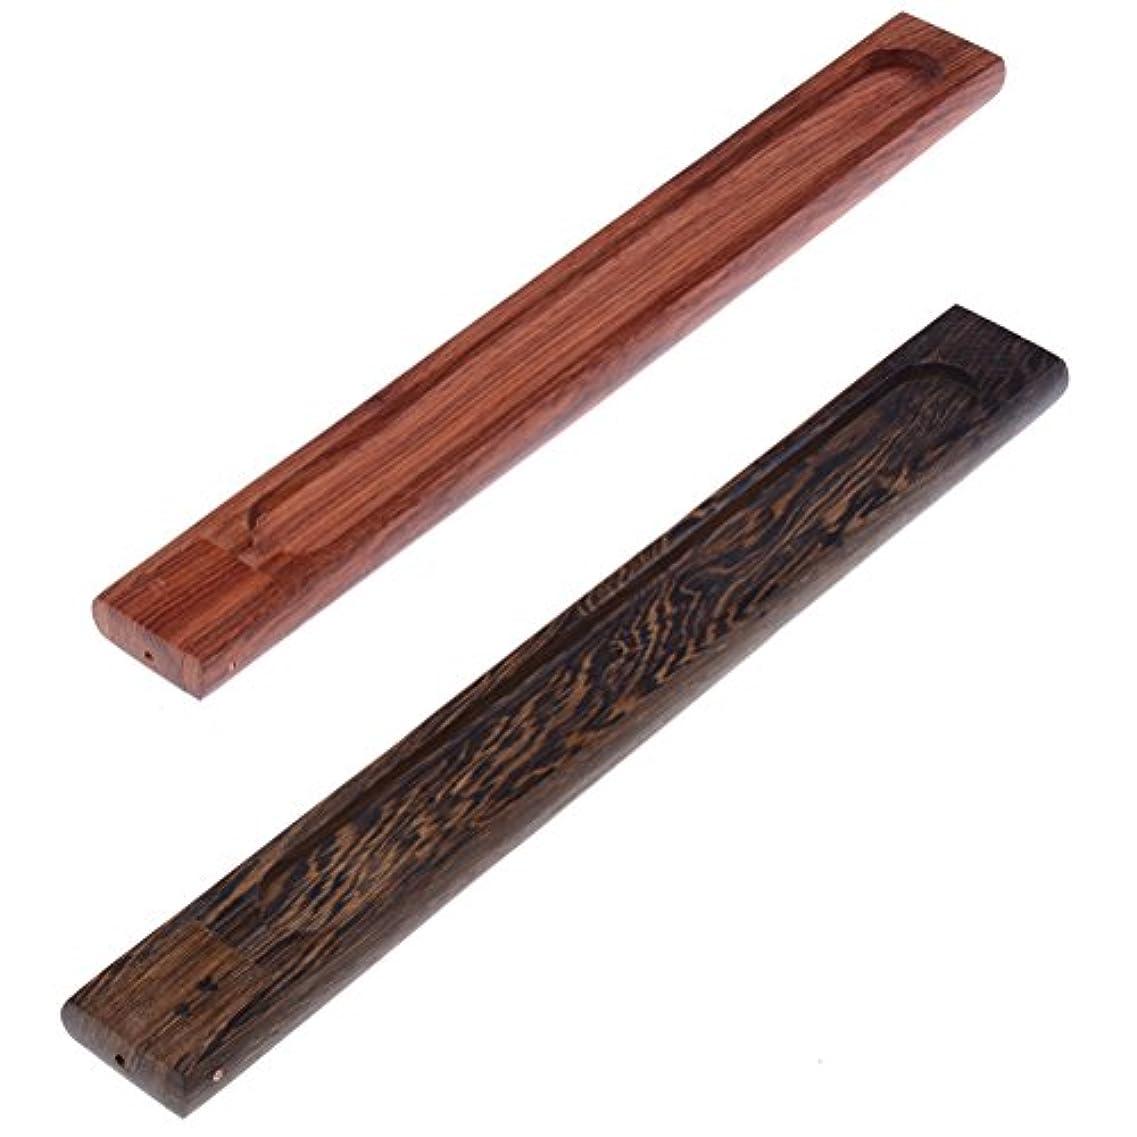 ランダム先見の明ファンブルyiphates 2ピース木製香炉スティックホルダーAshキャッチャー木製トレイwith Adjustable Incense Stick Holder